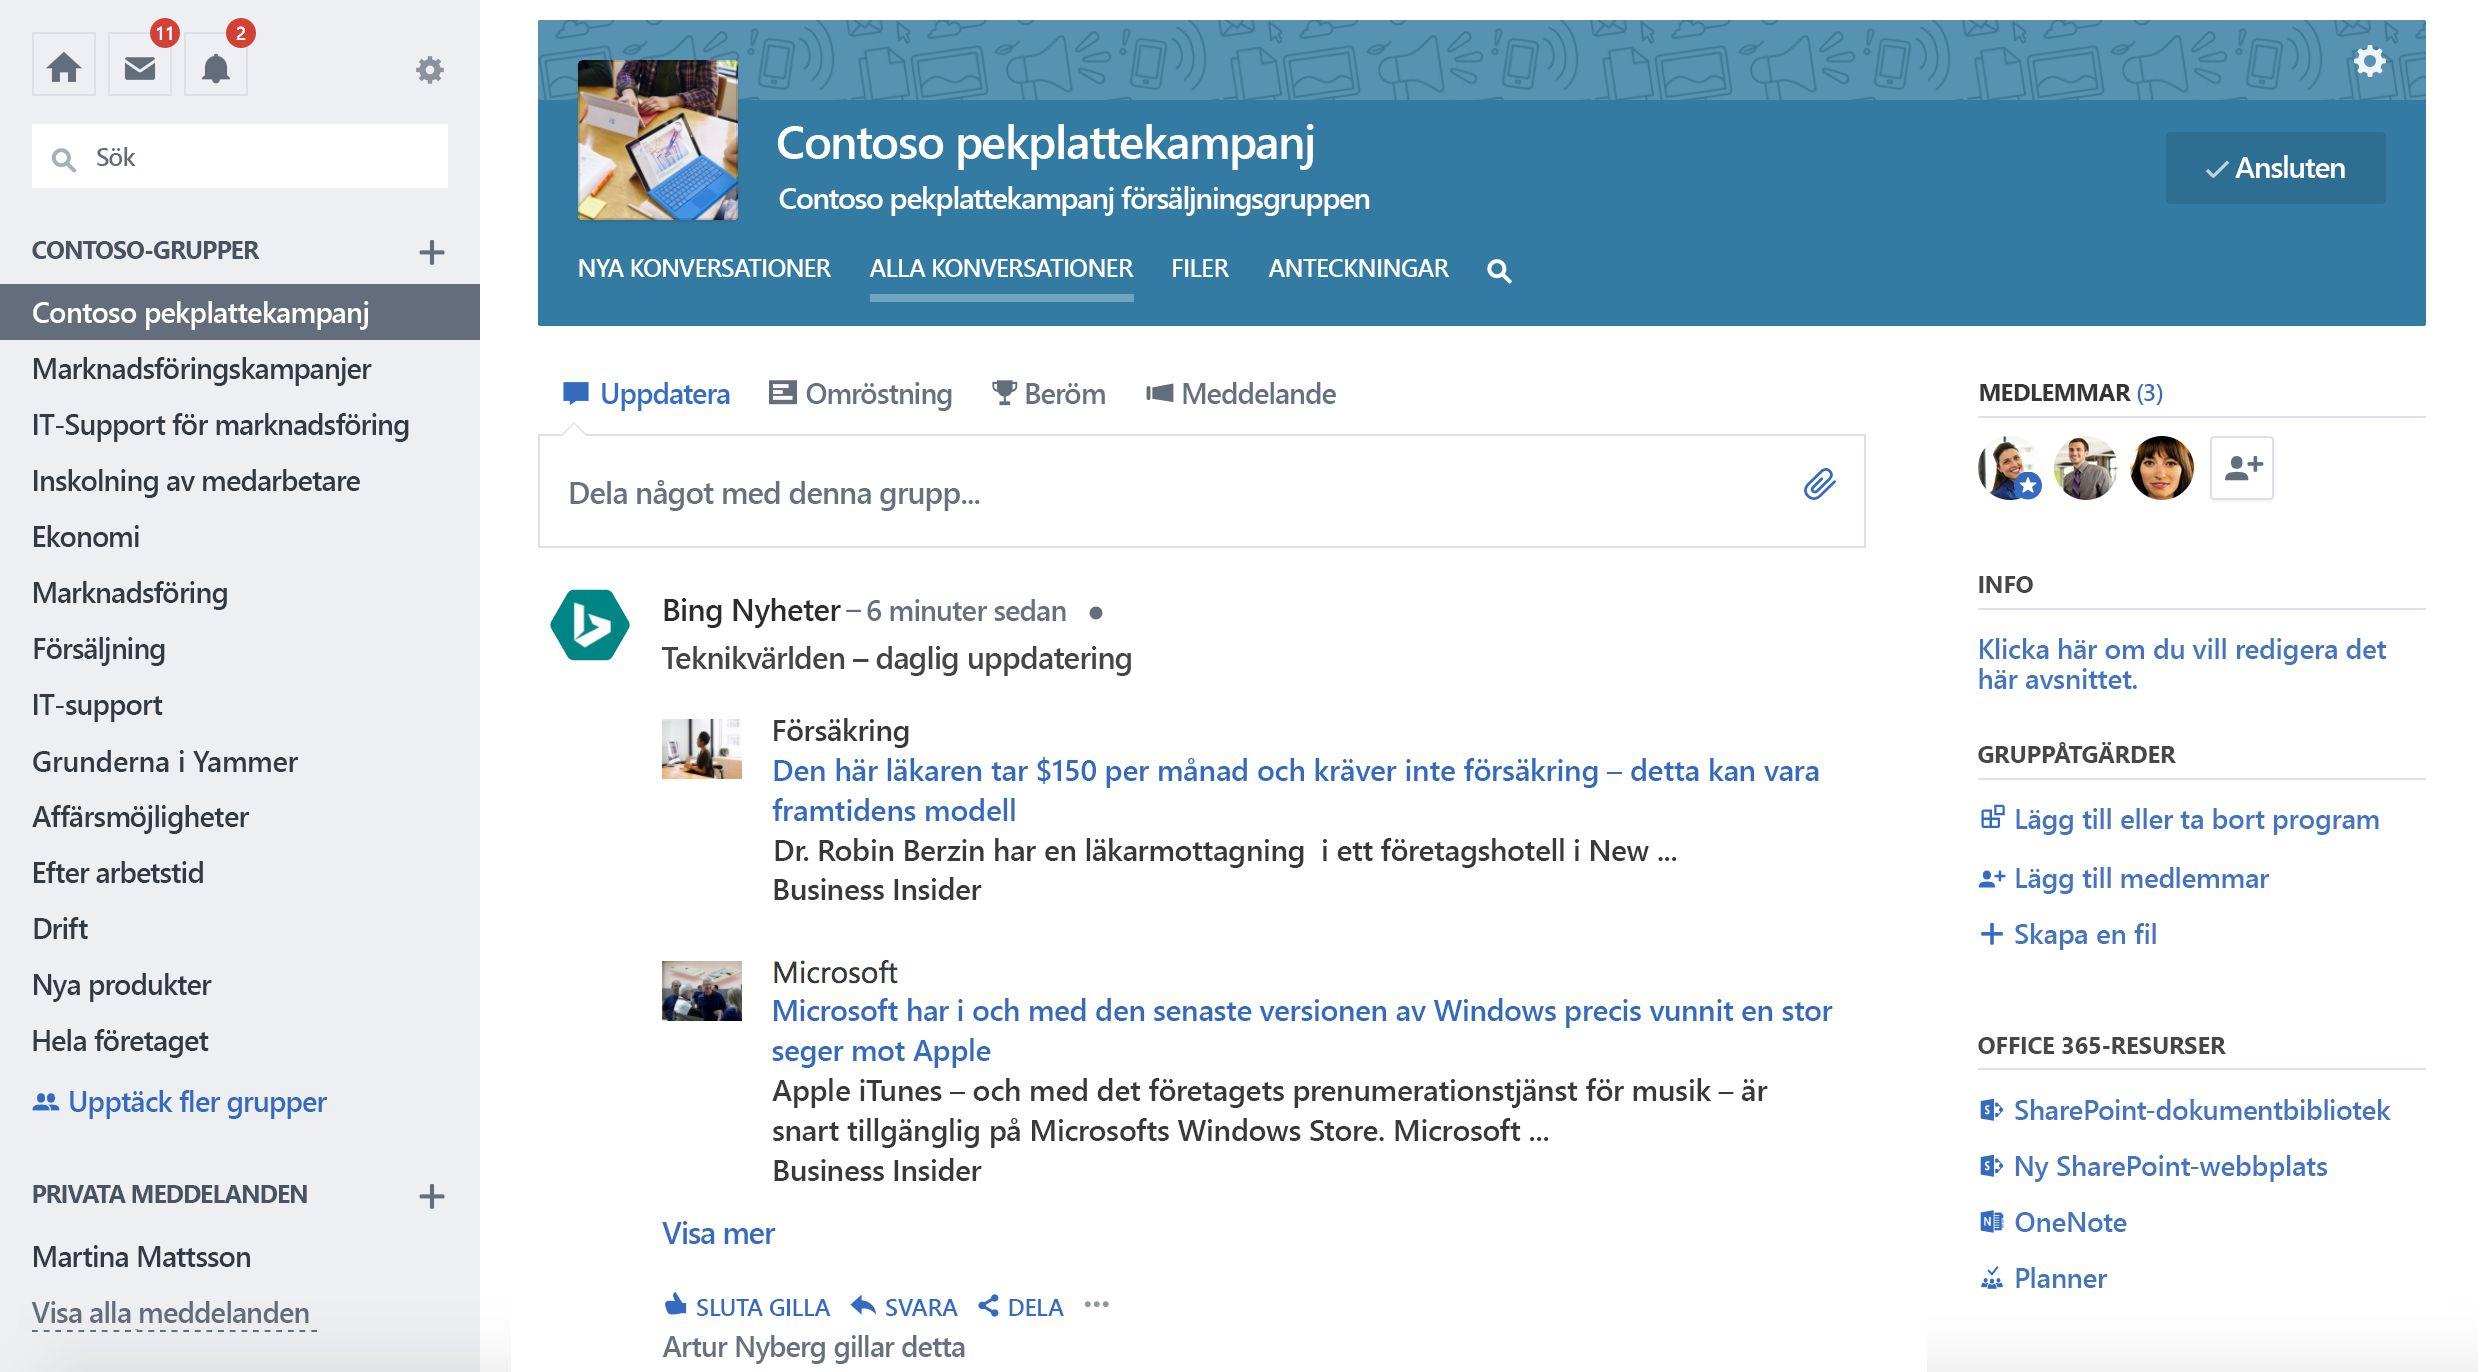 Skärmbild av gruppens uppdateringen från tredje part via tillägget